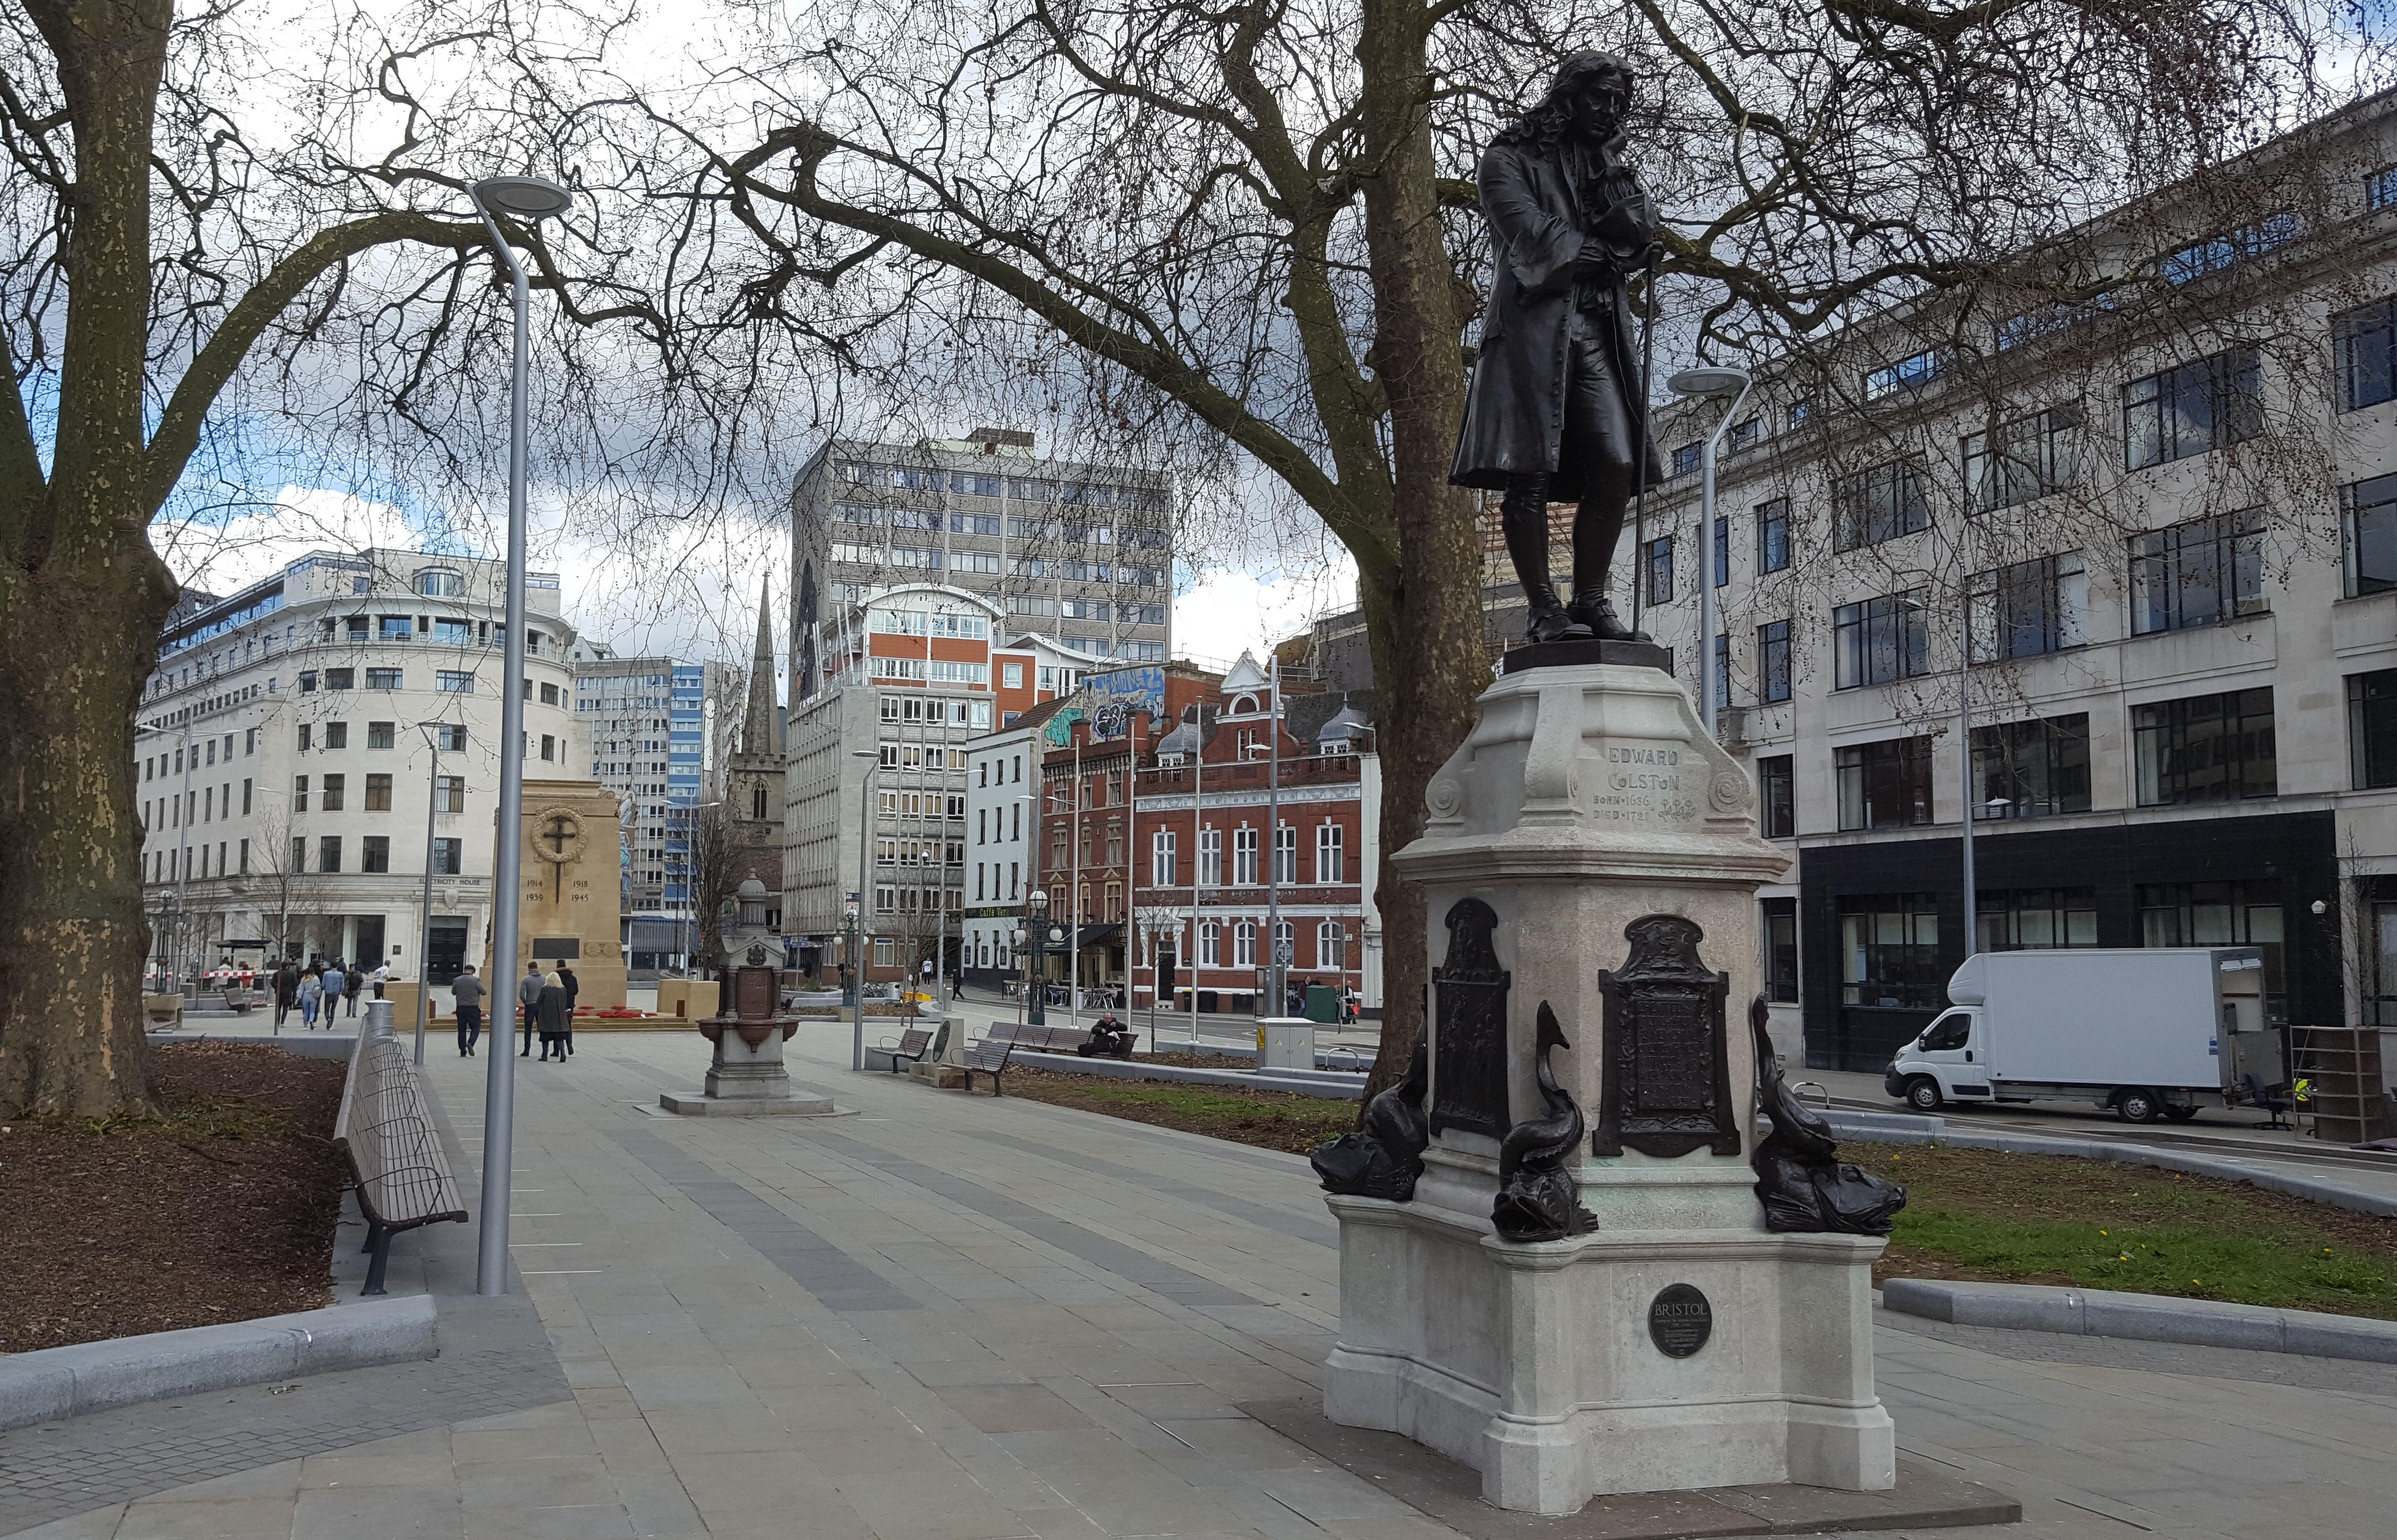 The Centre Bristol